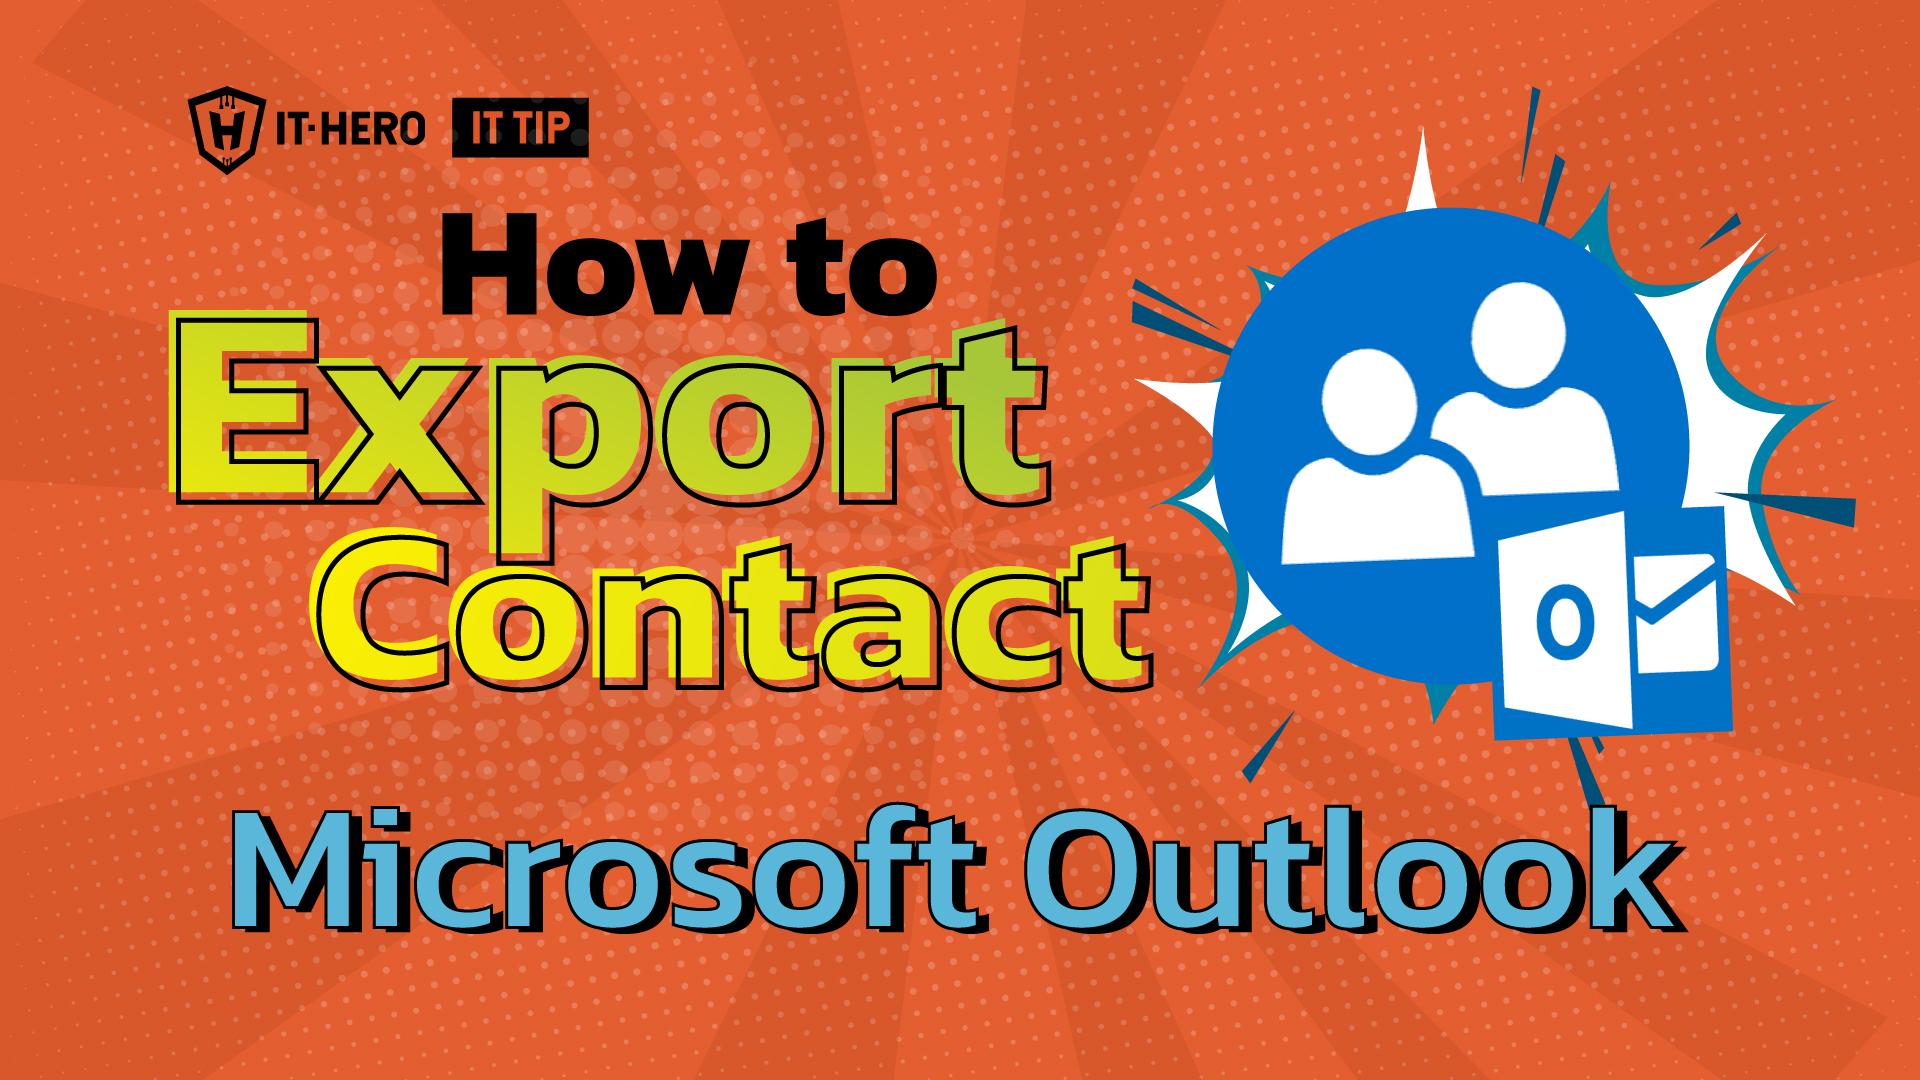 การ Export ชื่อติดต่อ เบอร์โทรศัพท์ บน Microsoft Outlook